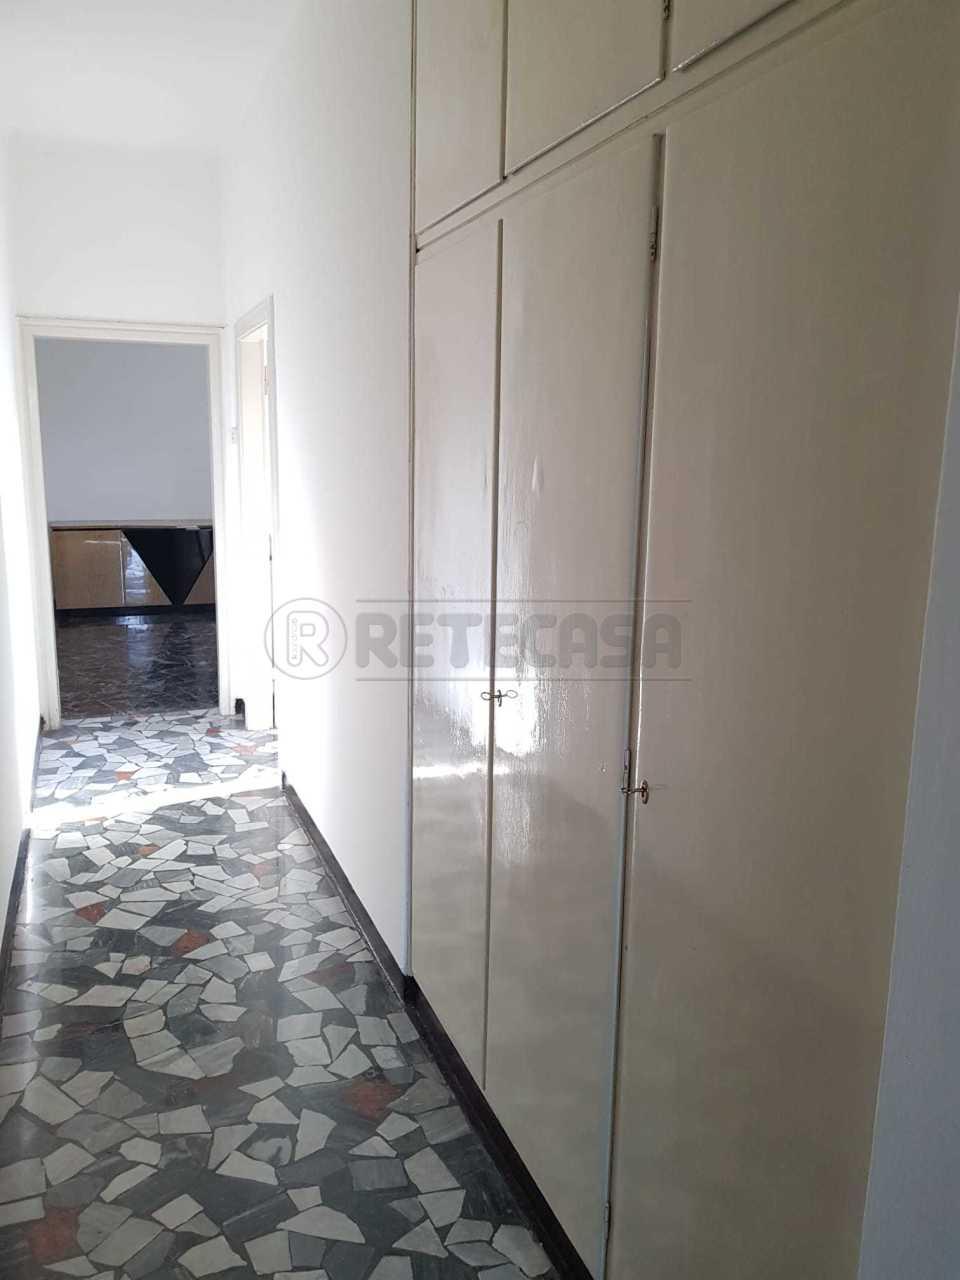 Appartamenti e Attici VICENZA affitto    Ground Costruzioni S.r.l.